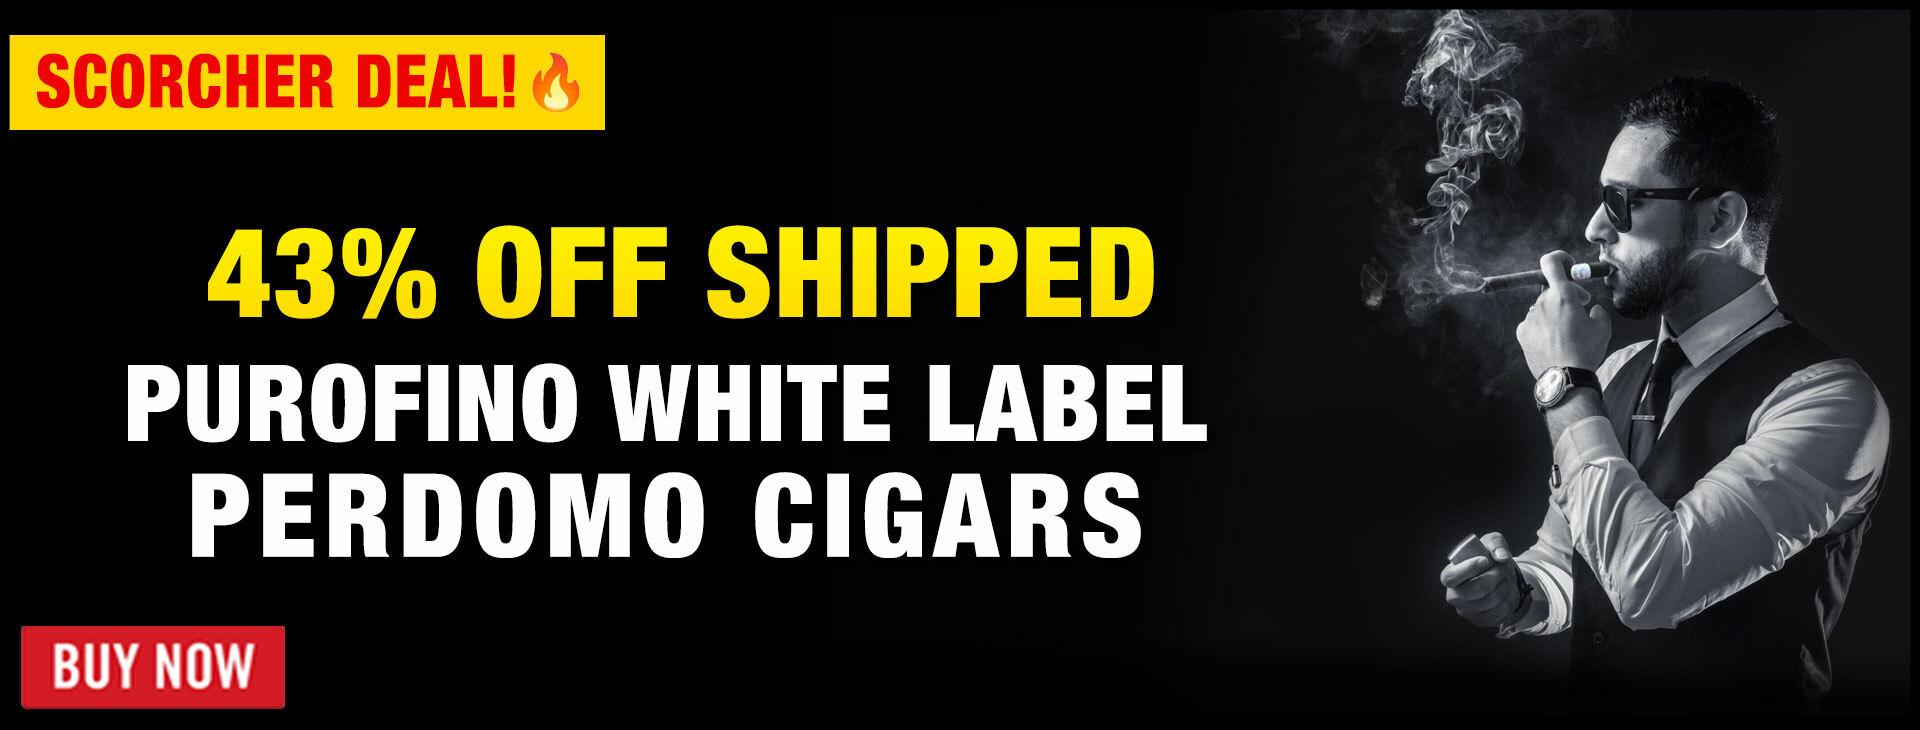 43% OFF: Purofino White Label